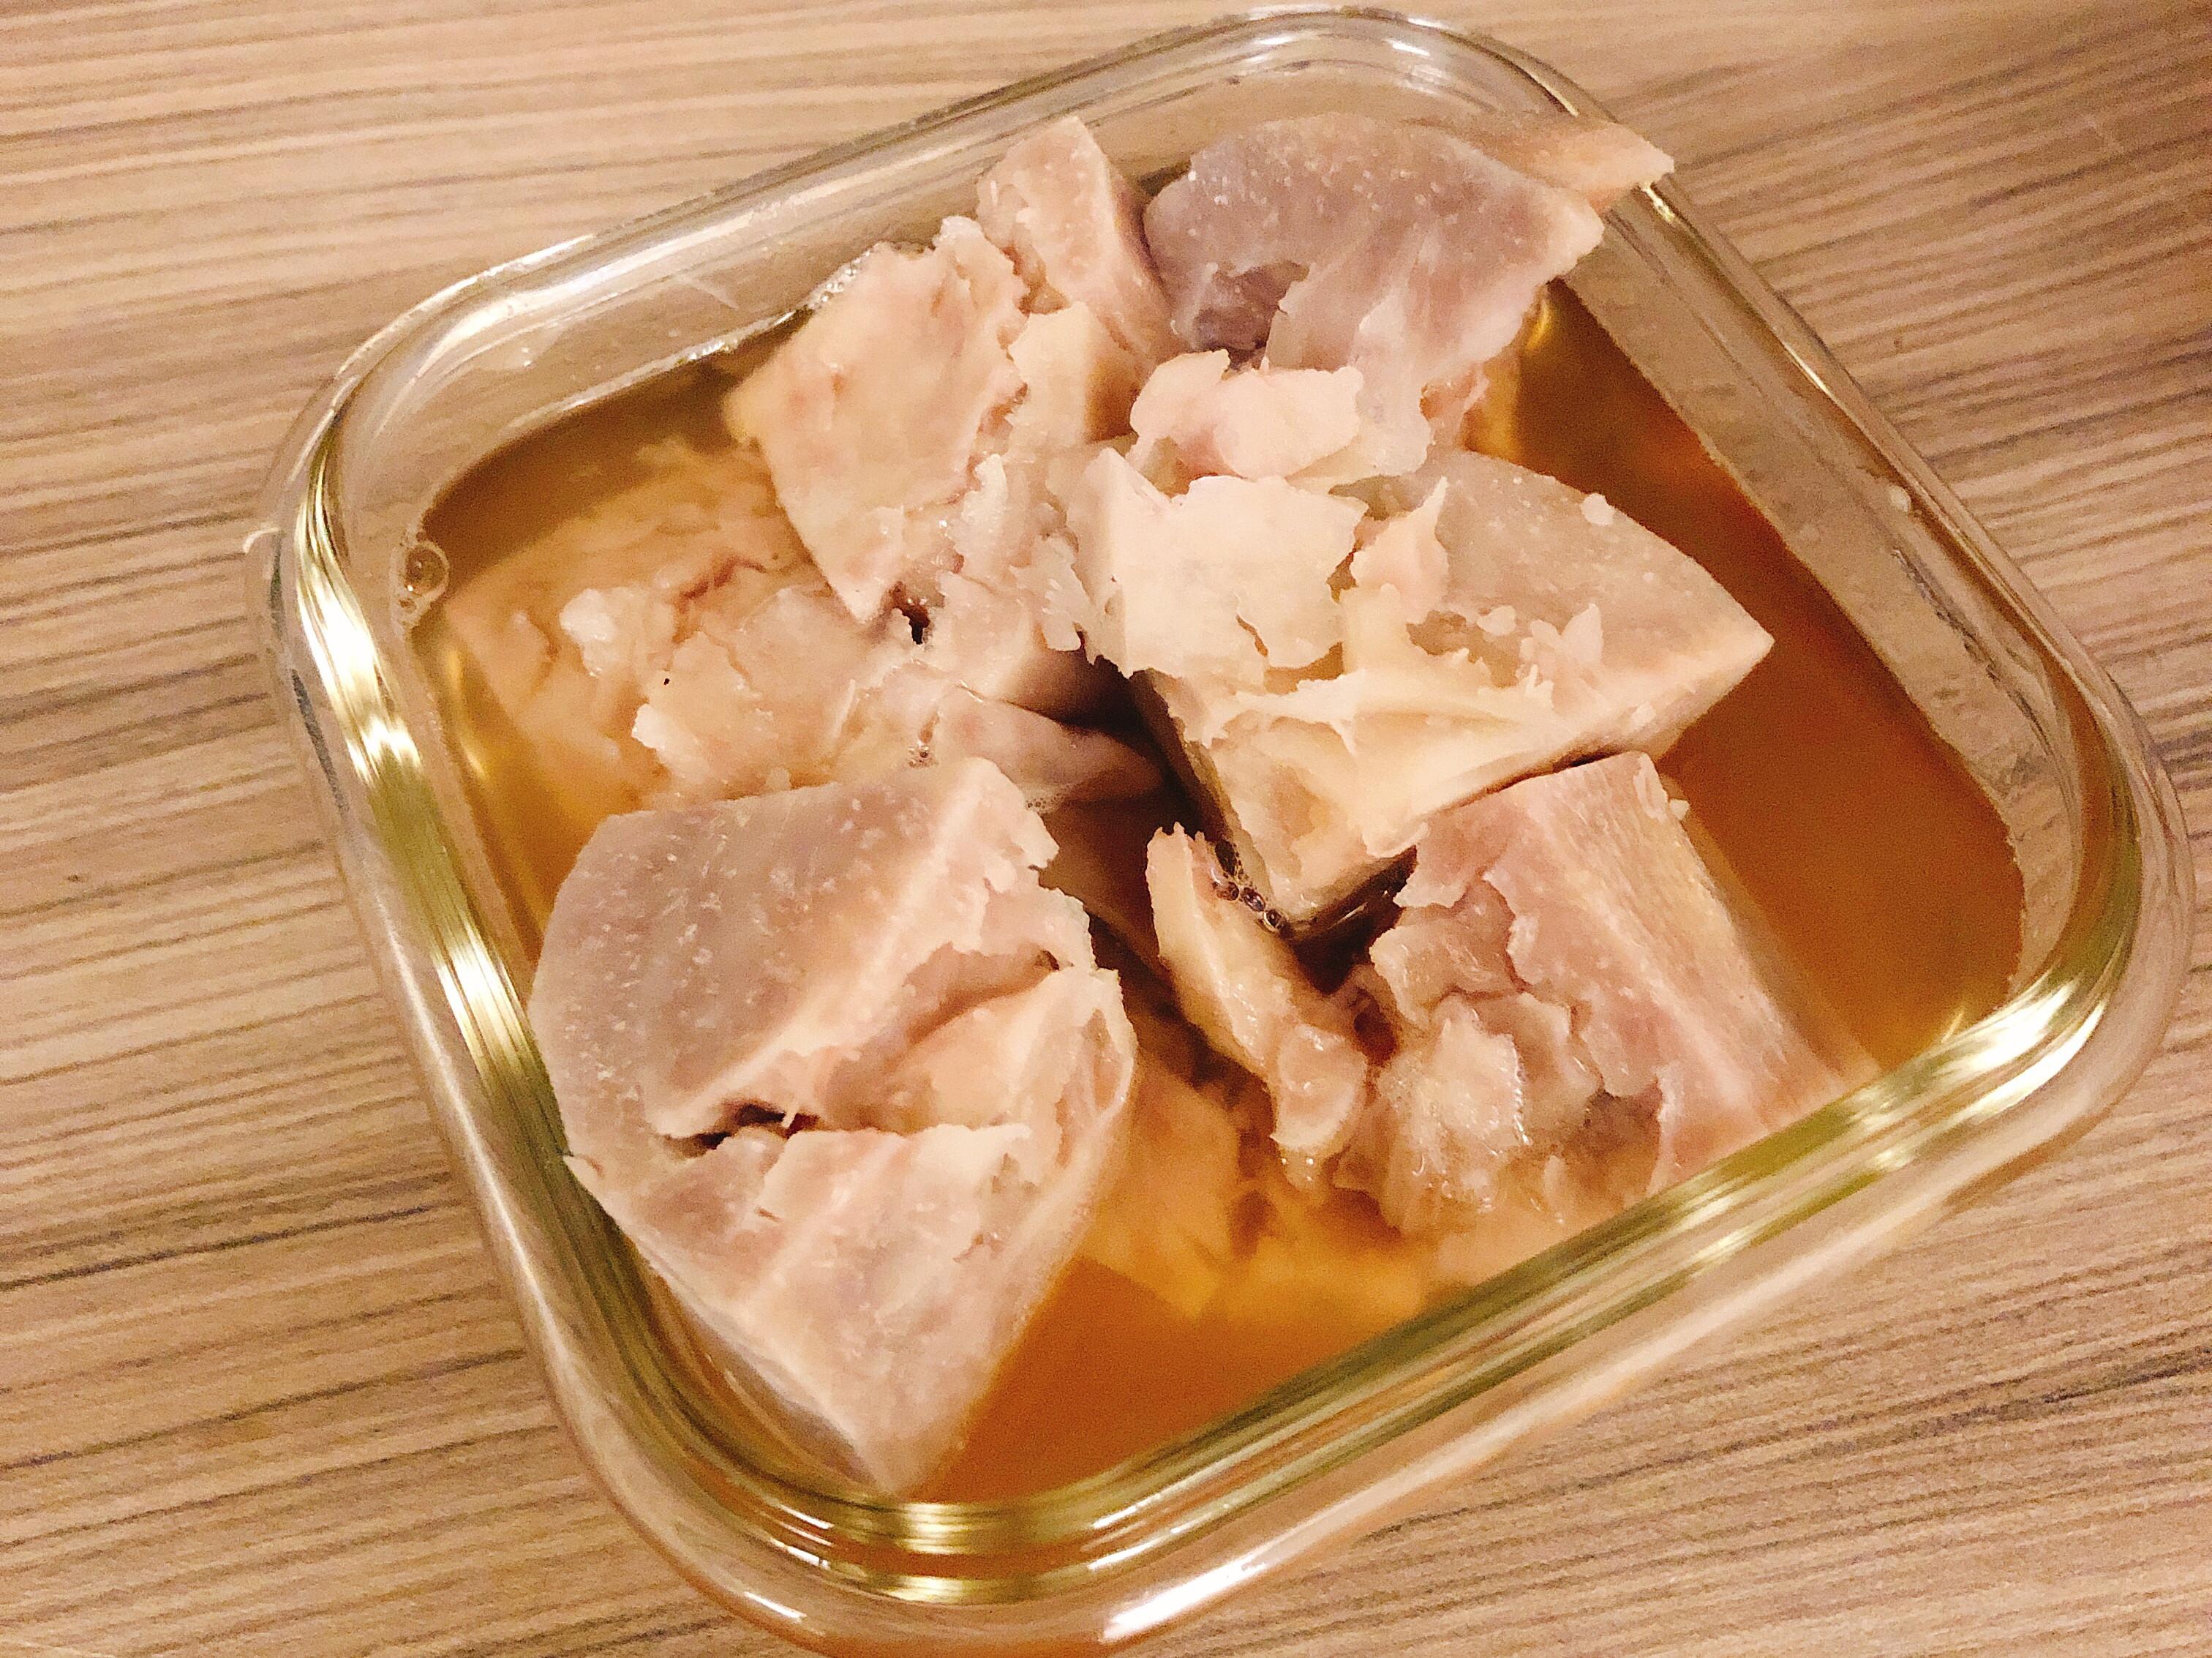 「萬用料理鍋」冷凍芋頭